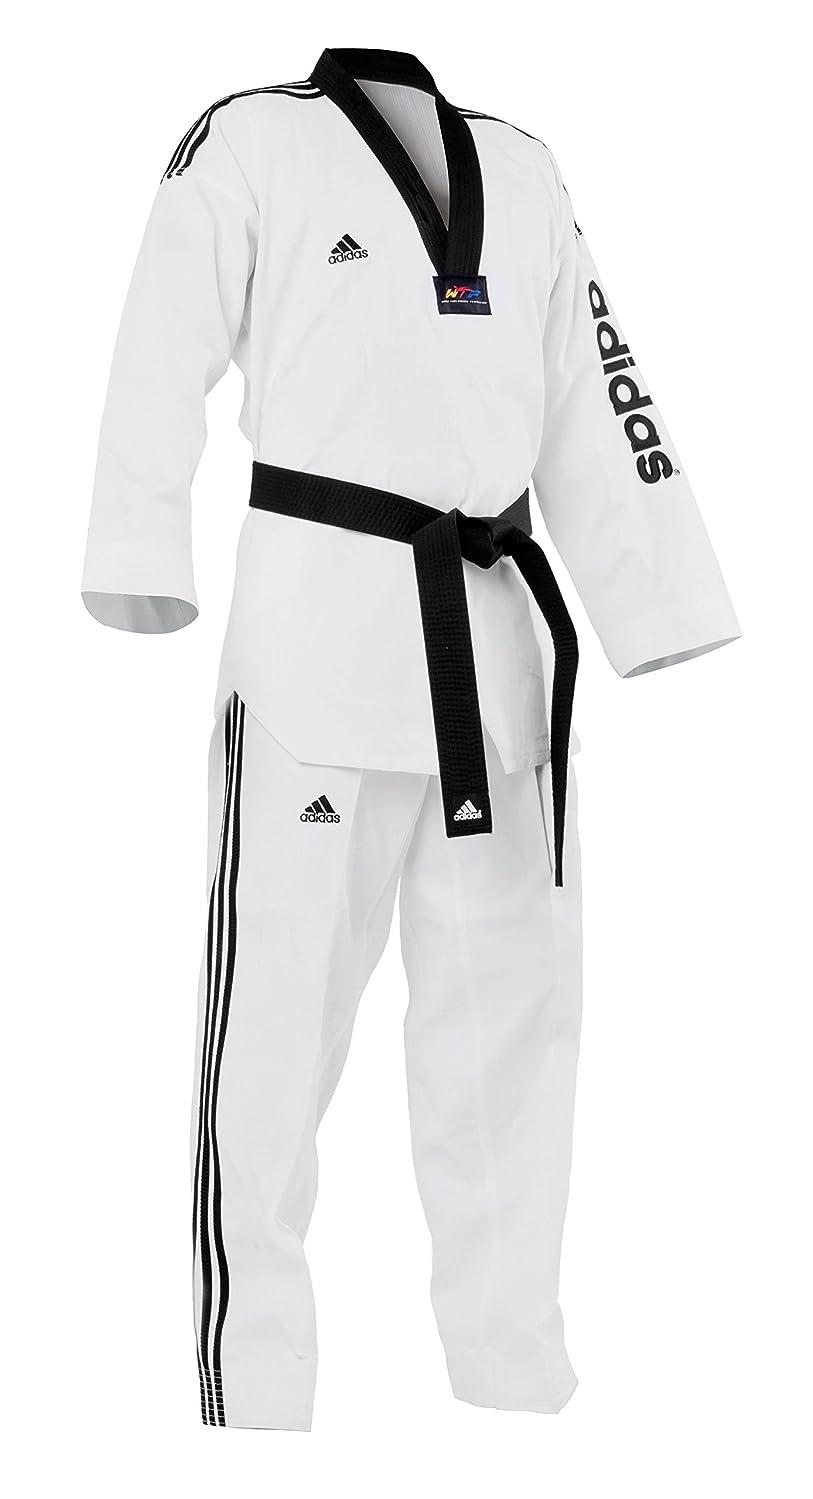 Adidas Super Master Taekwondo Uniform